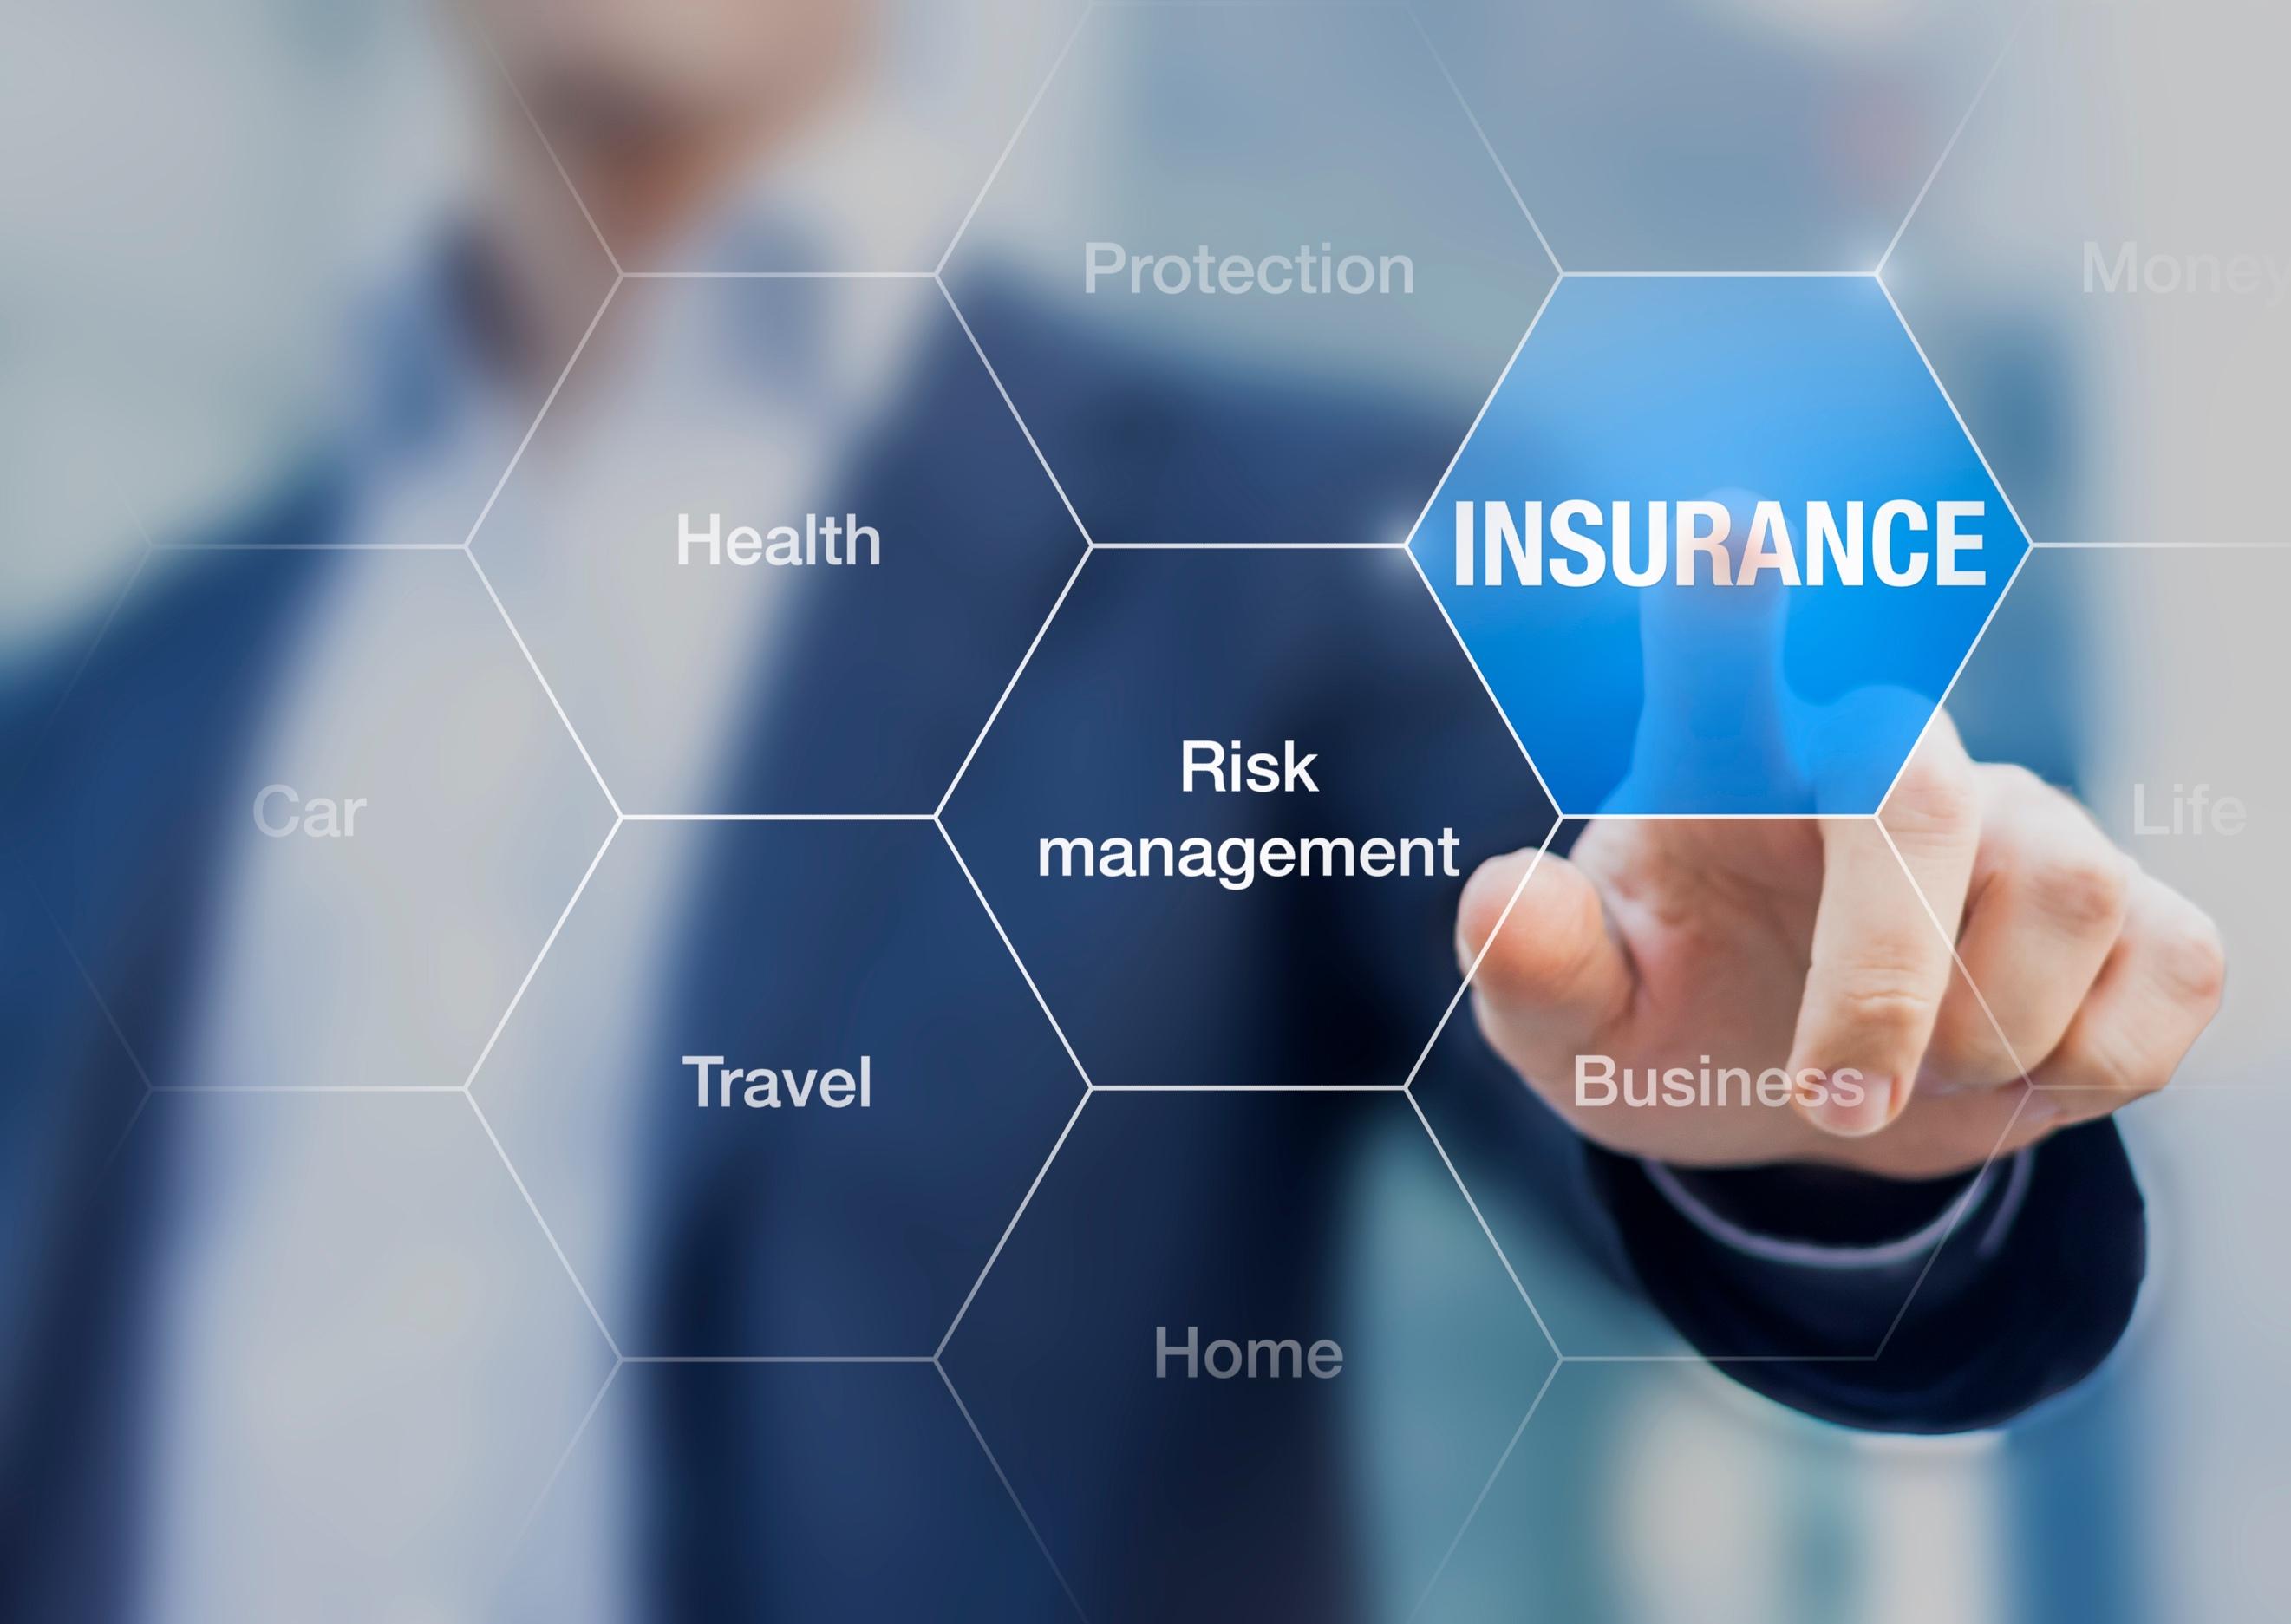 Kinh doanh bảo hiểm và kinh doanh tái bảo hiểm là gì?